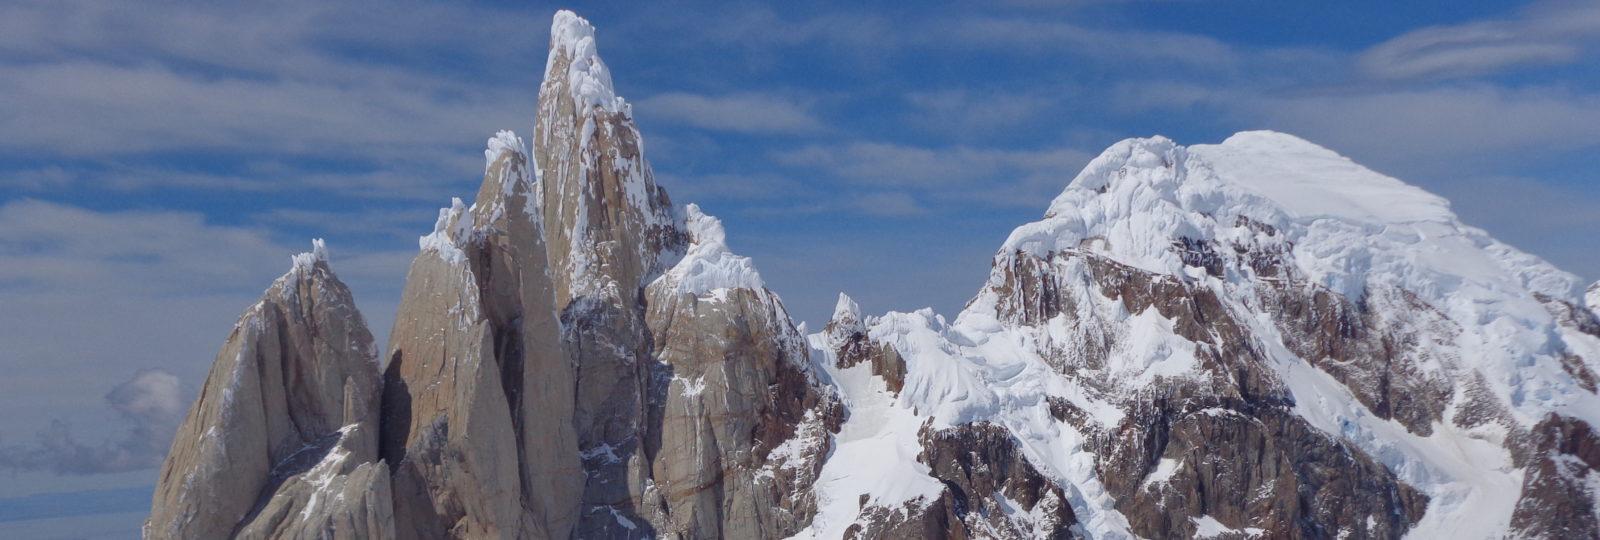 Cerro torre e sorelle dalla vetta del Cerro Rincon. 2013. (f. Thomas Franchini)